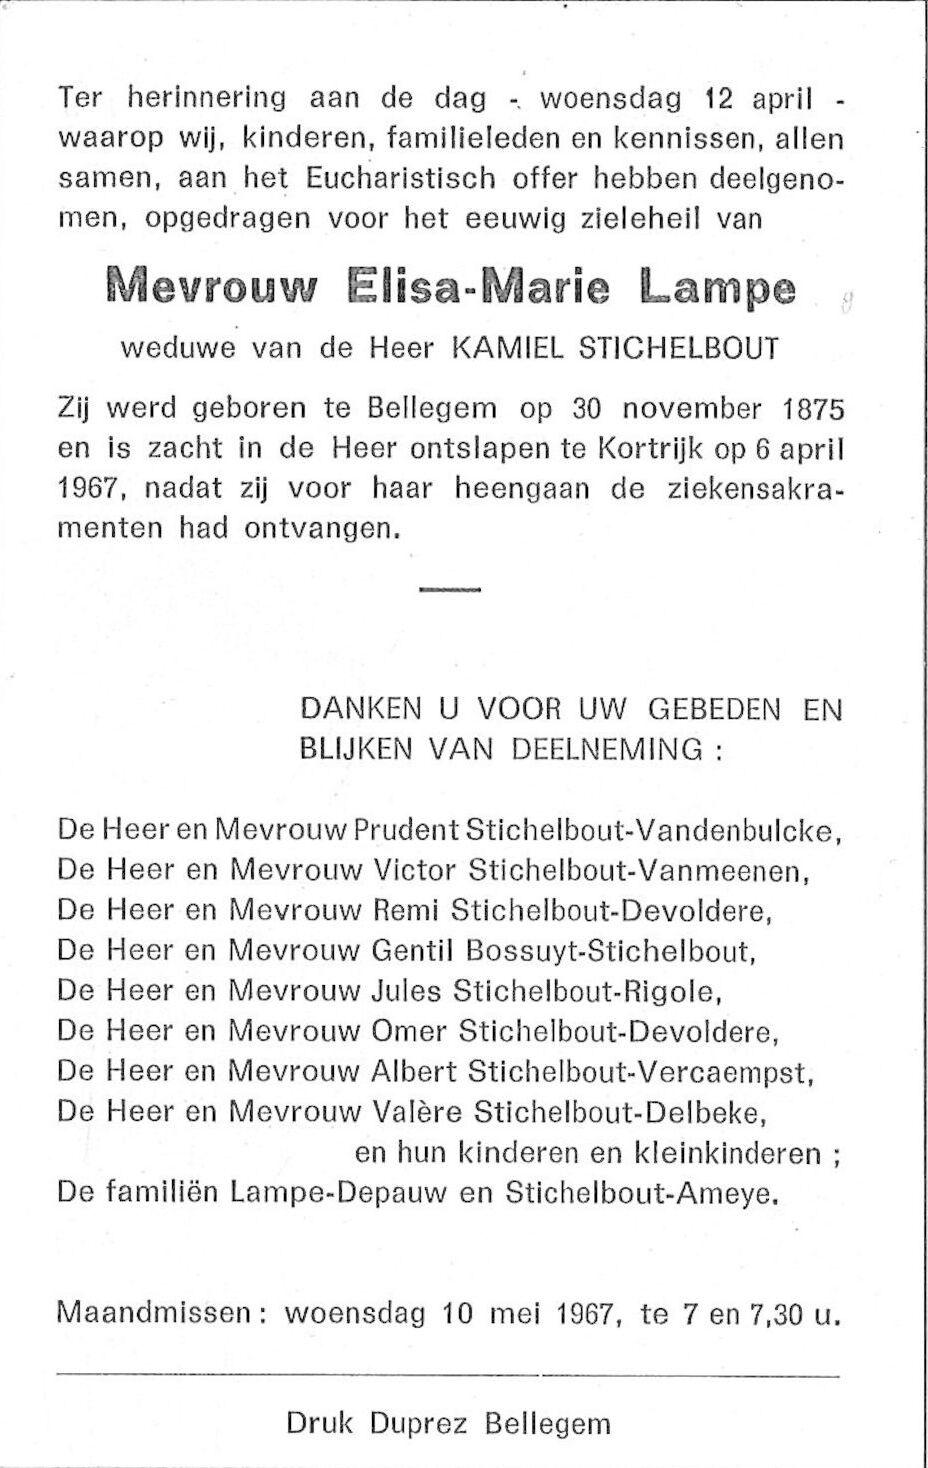 Elisa-Marie Lampe